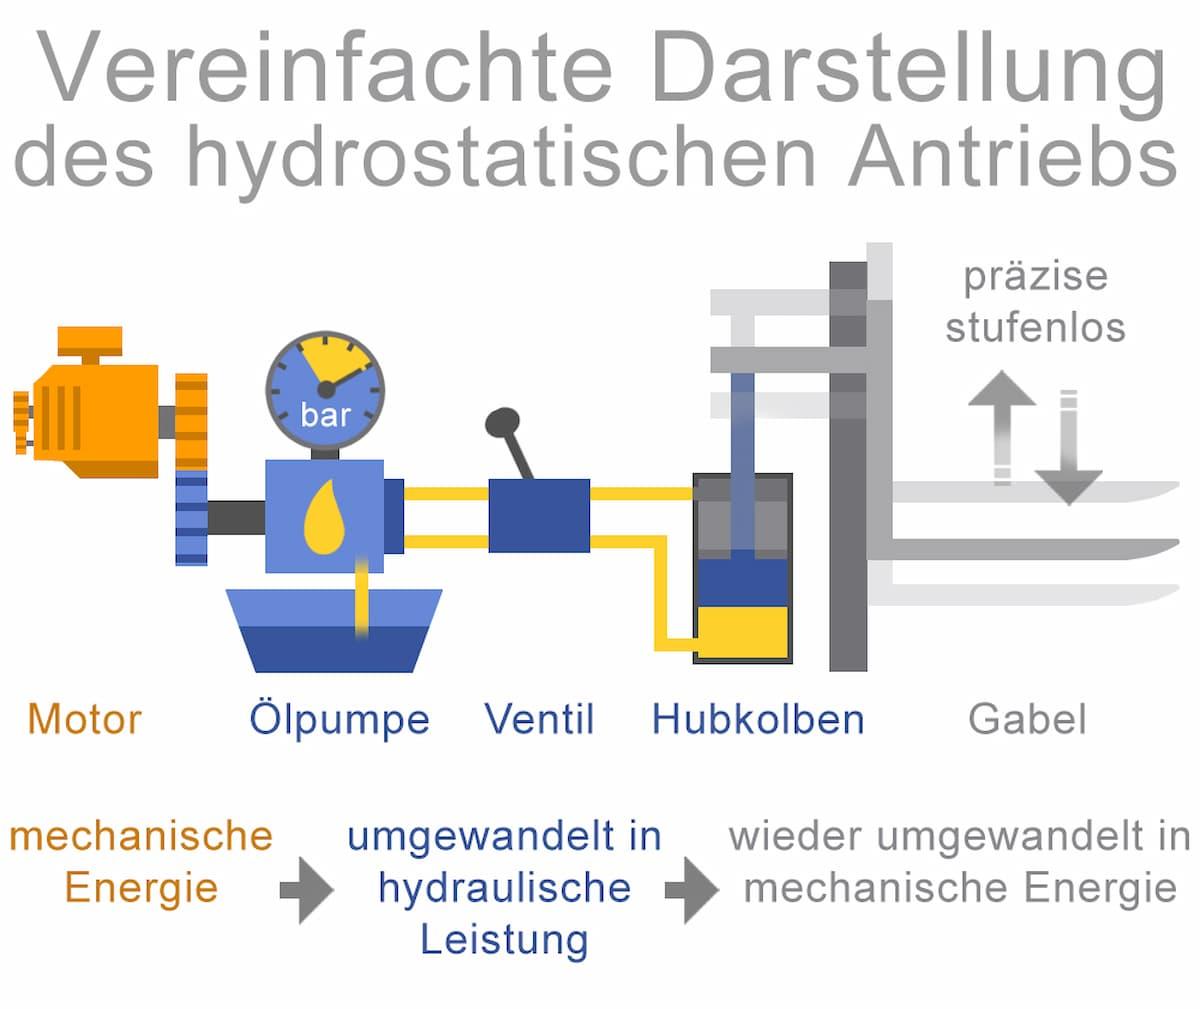 Vereinfachte Darstellung eines hydrostatischen Antriebs